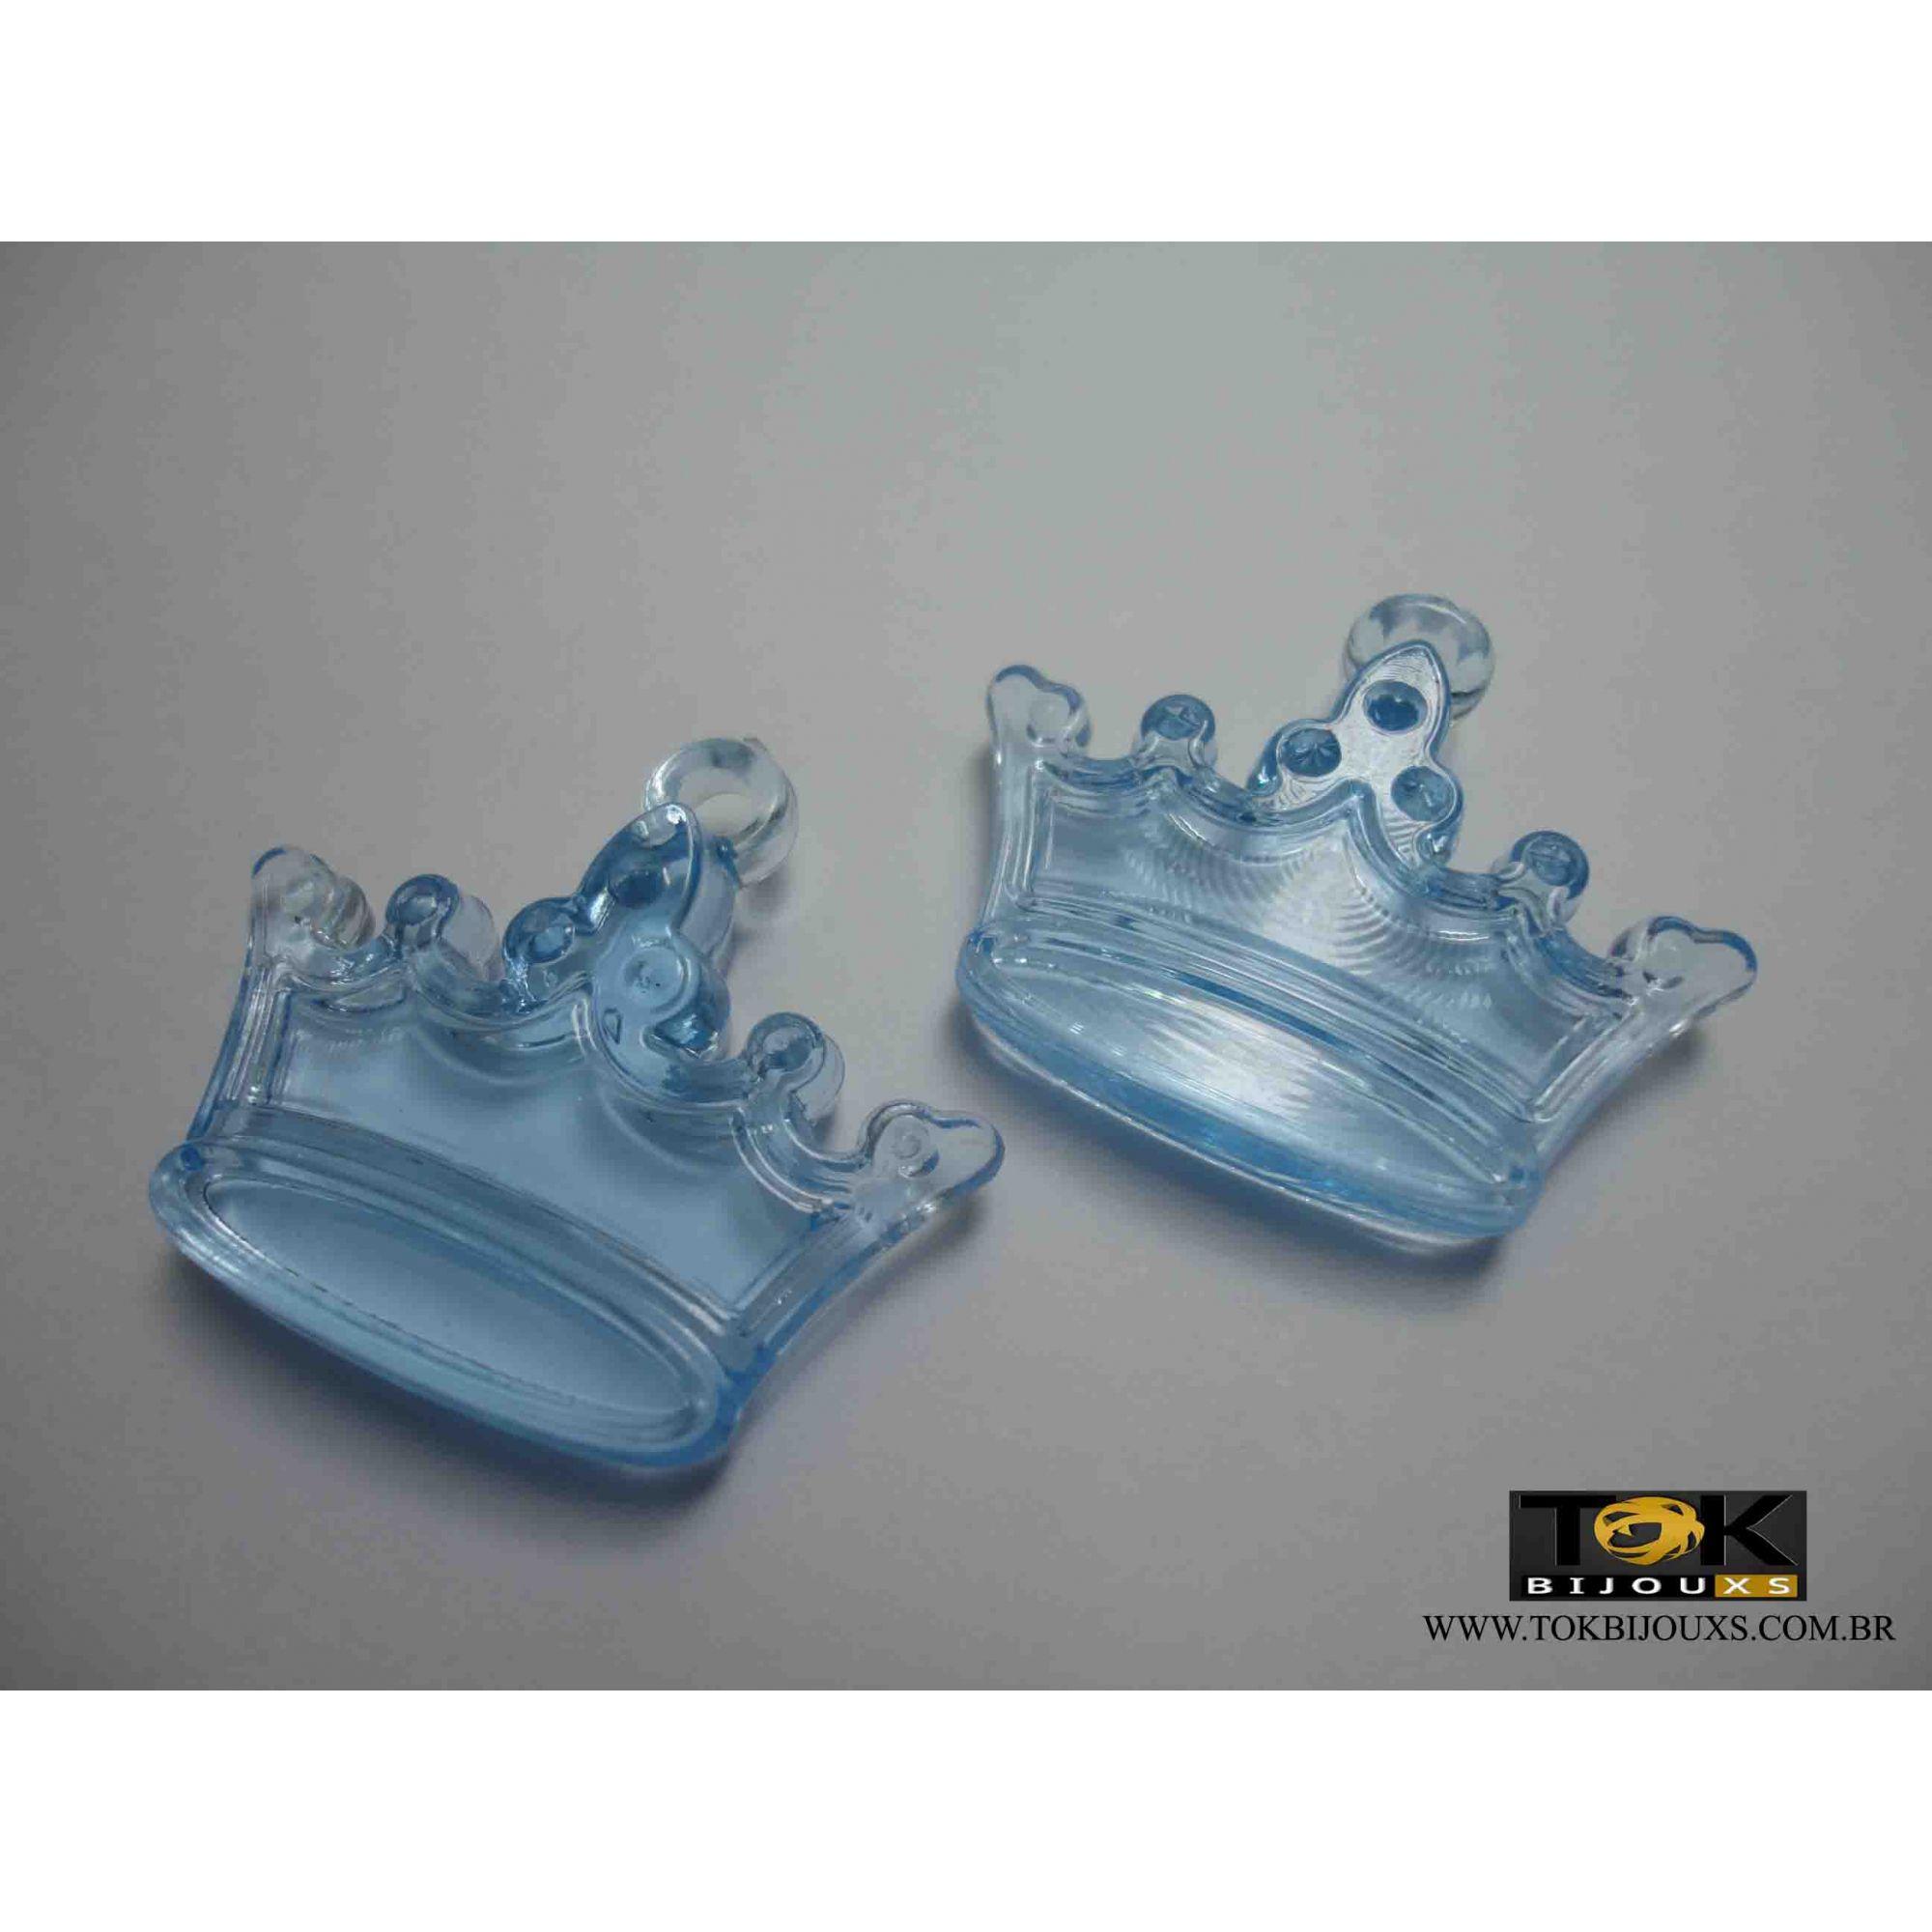 Atacado - Coroa Acrílico - Azul Bebe - 500g